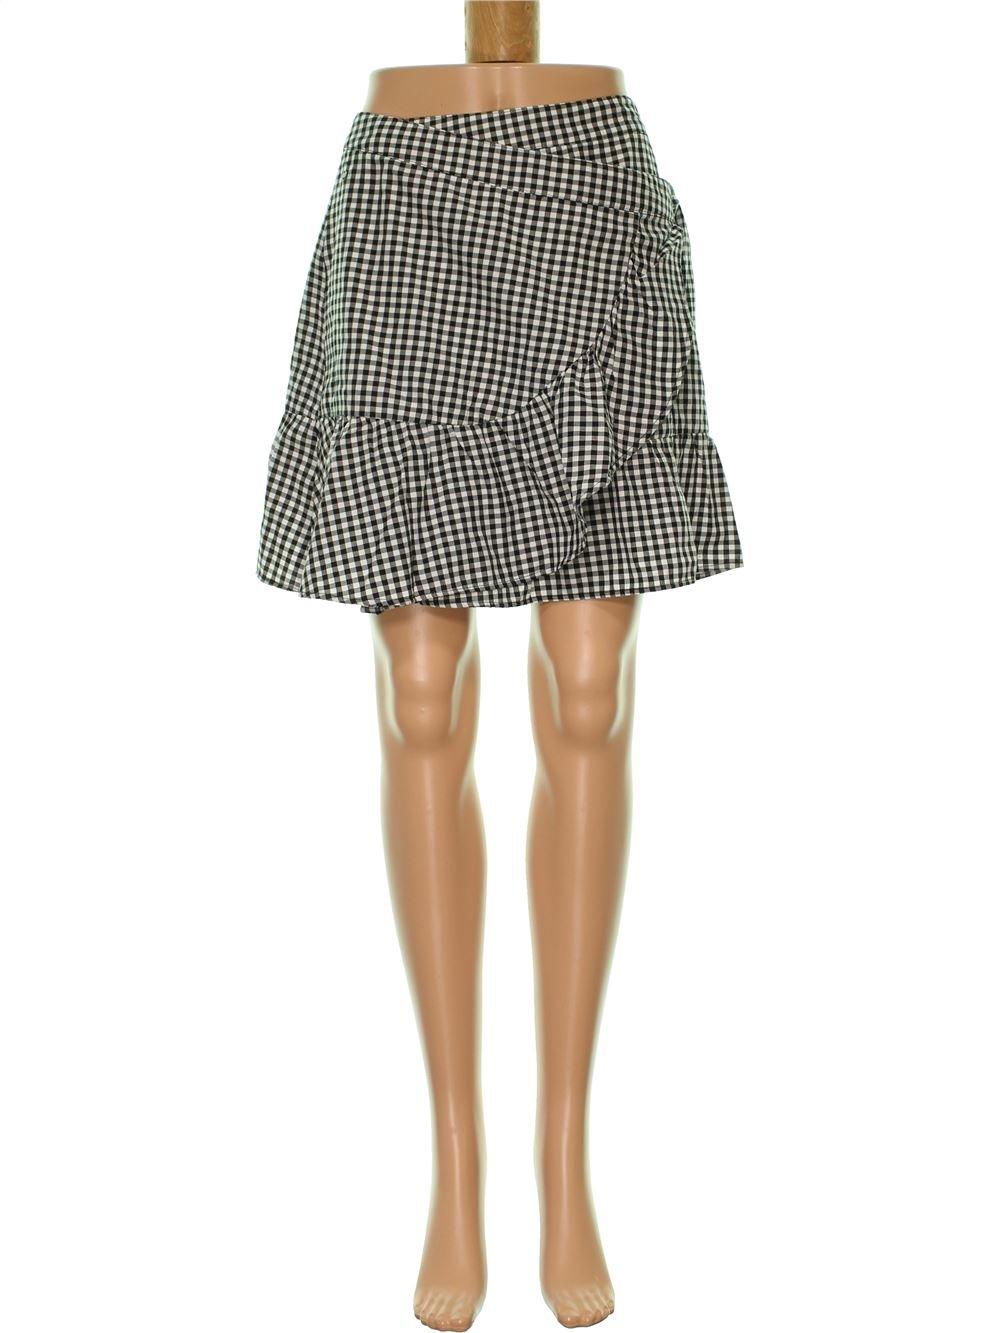 Los Angeles d97cf c7c7d Jupe Femme BONOBO 40 (M - T2) pas cher, 8.49 € - #1549138